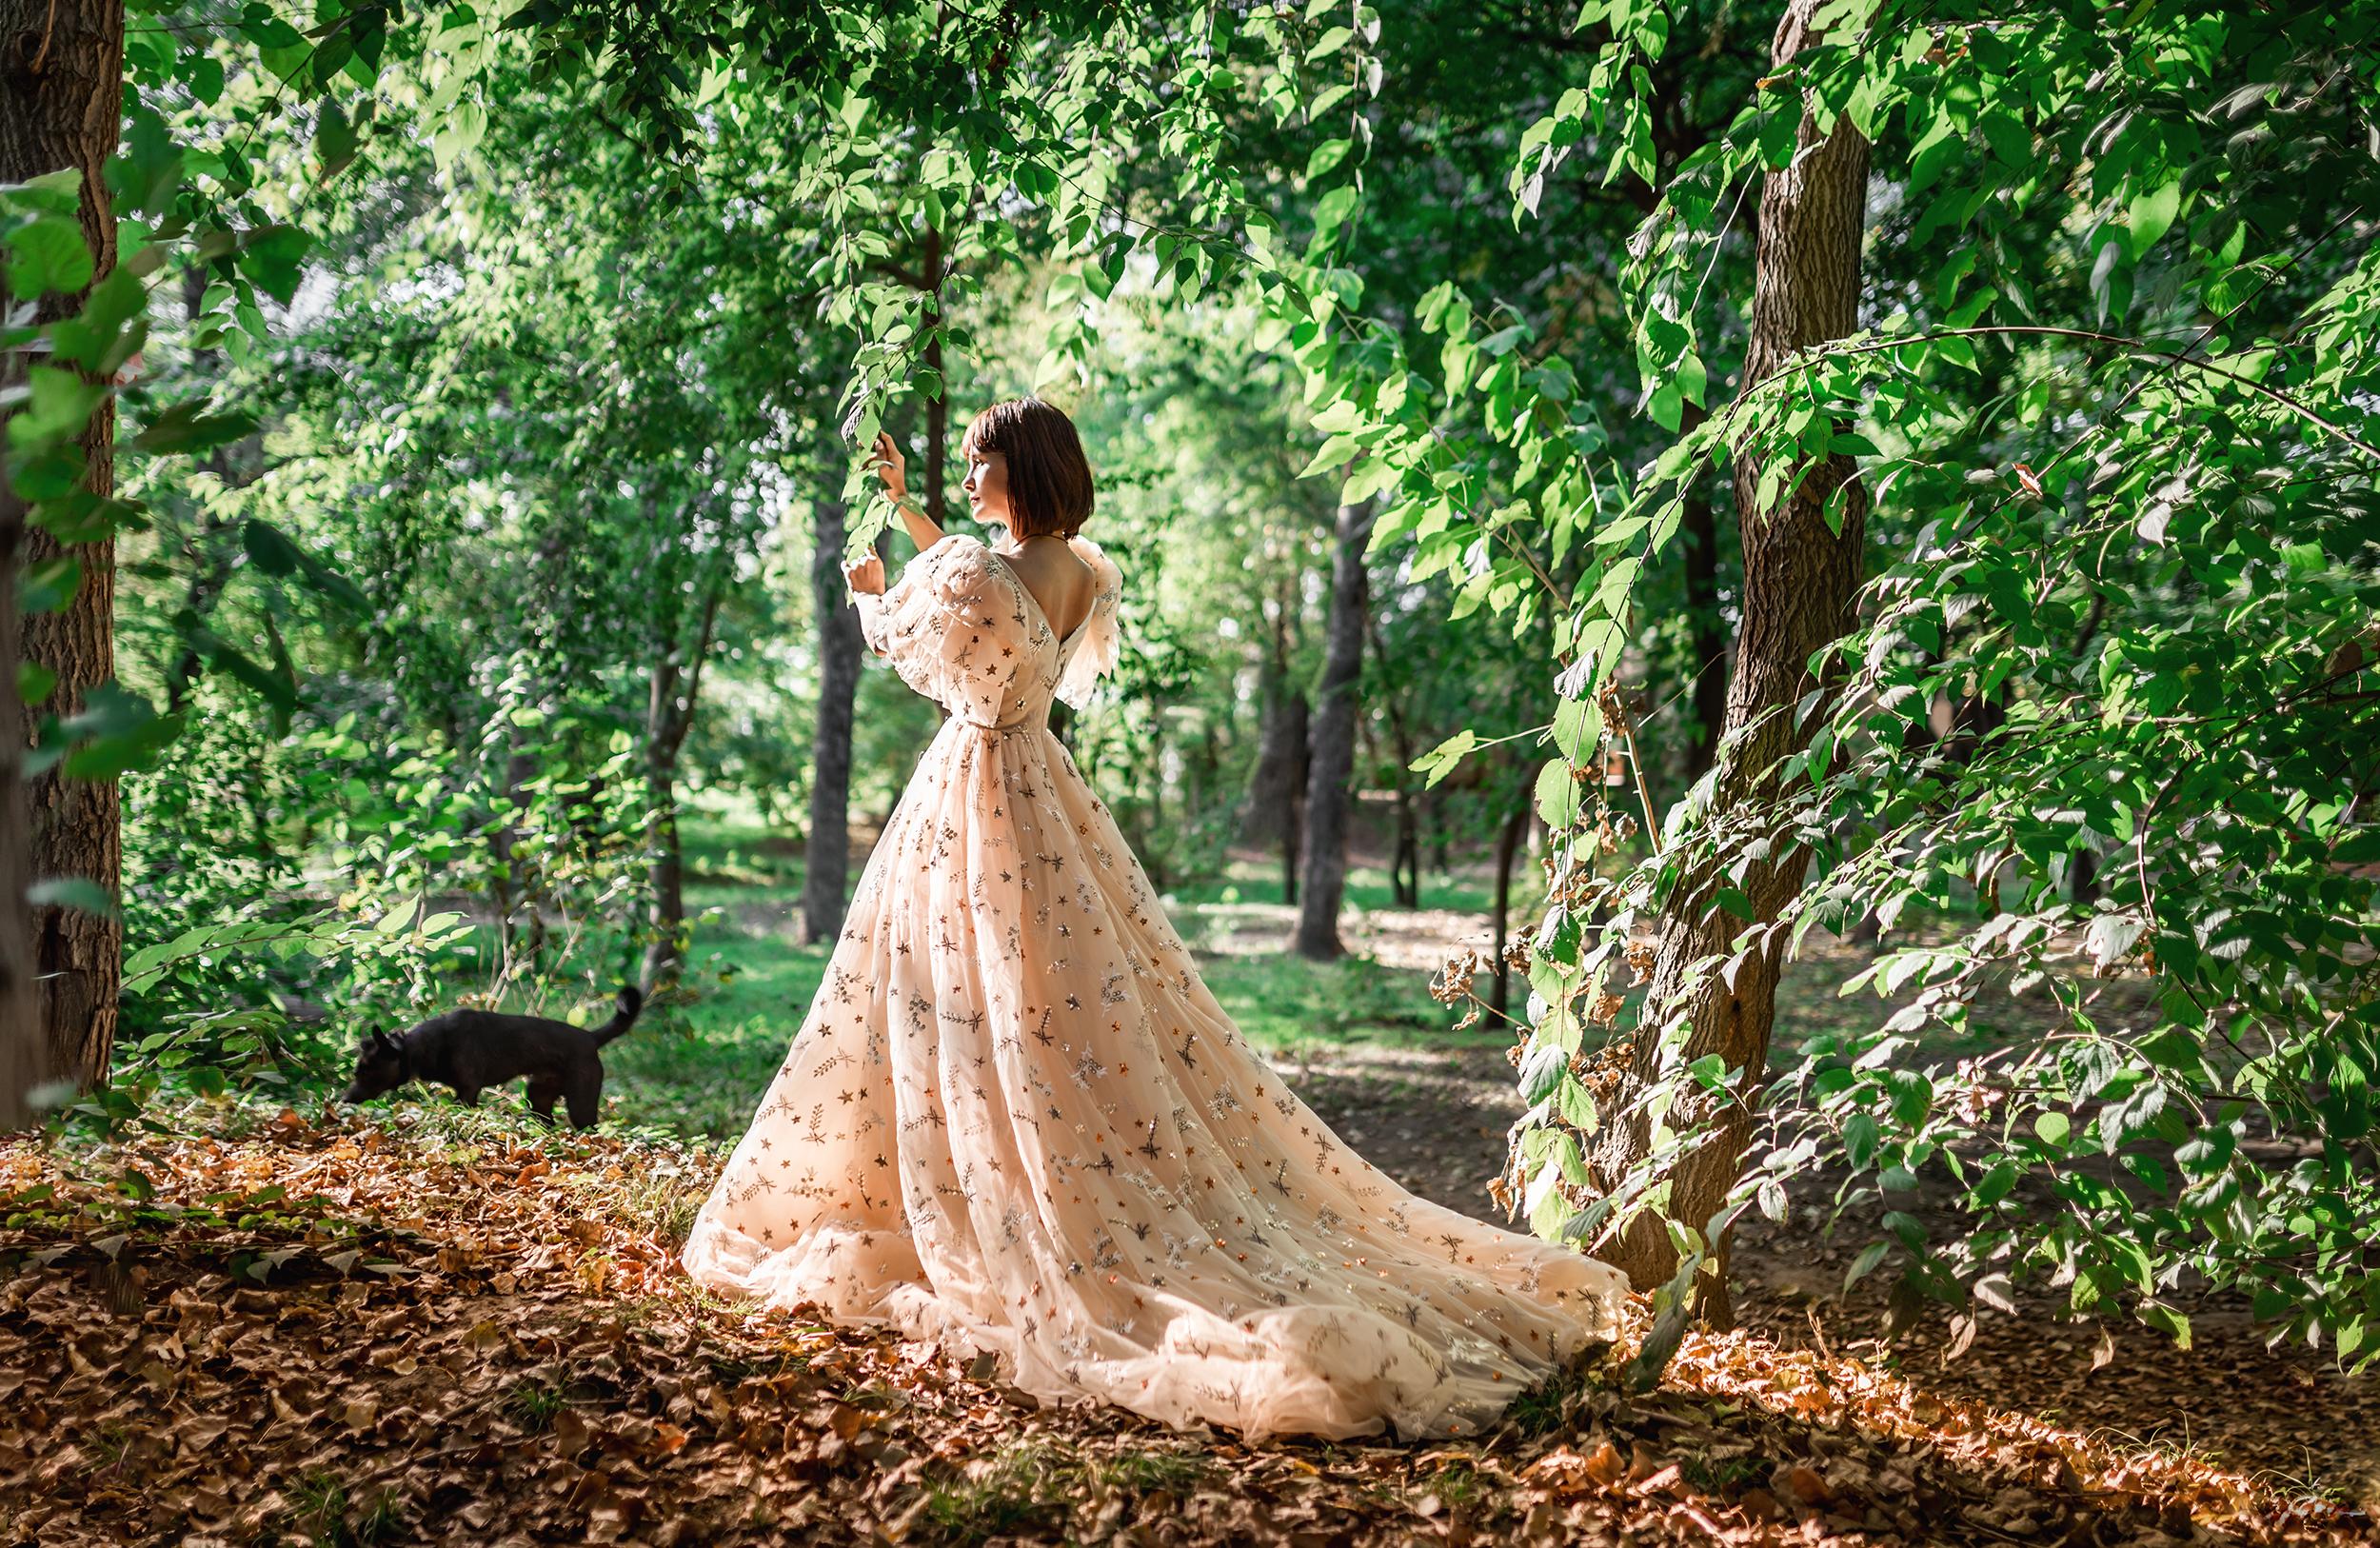 Фото Девушка в длинном платье стоит у дерева. Фотограф Георгий Дьяков